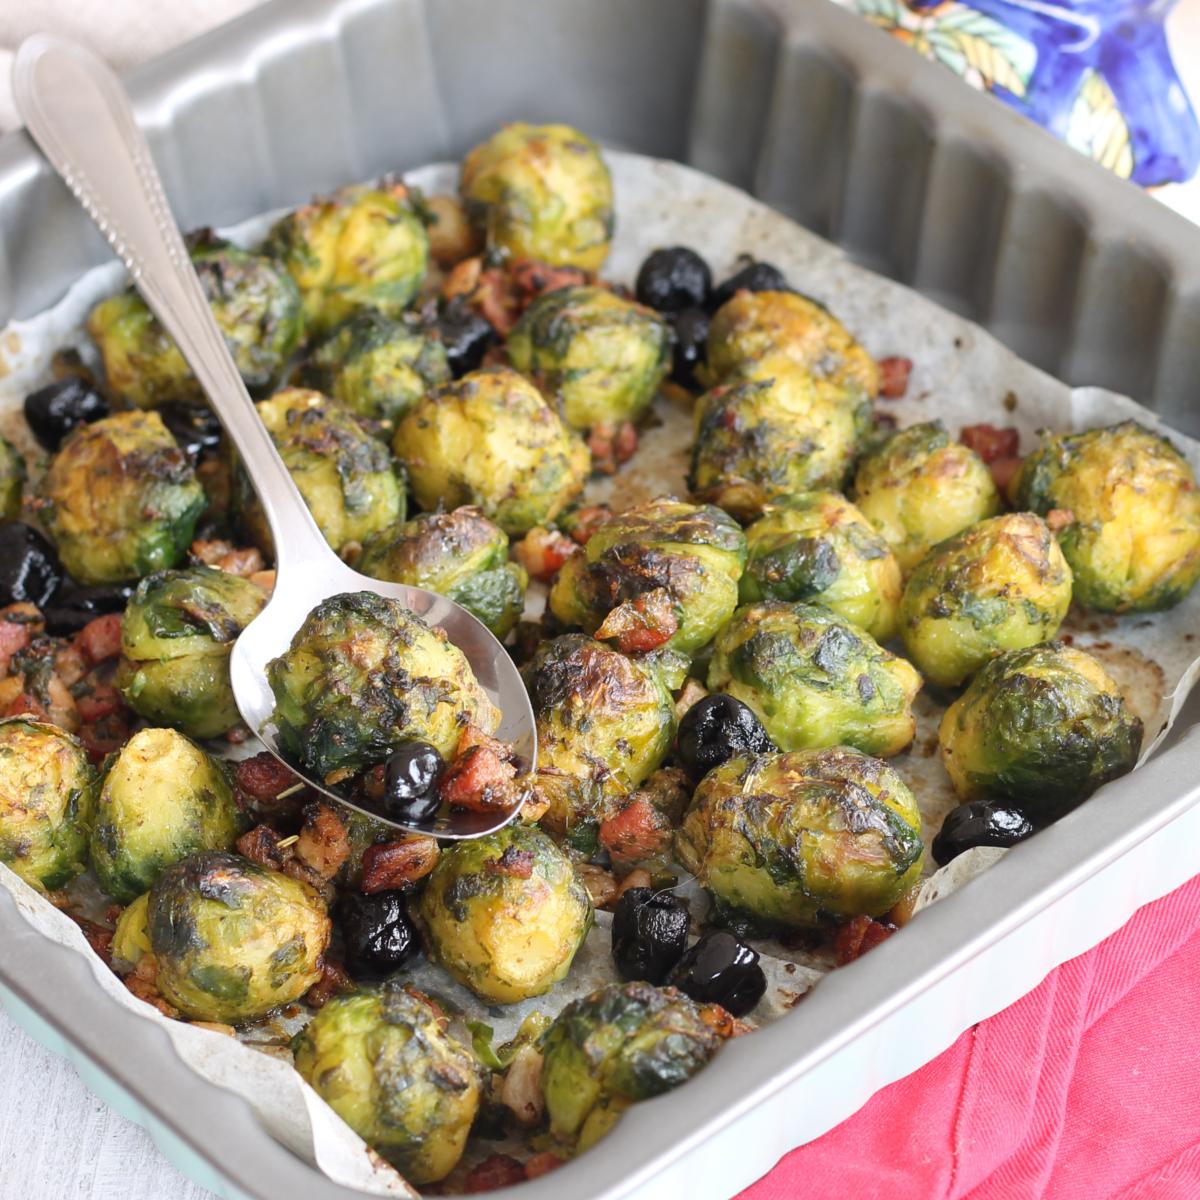 CAVOLINI DI BRUXELLES AL FORNO ricetta con pancetta e olive nere